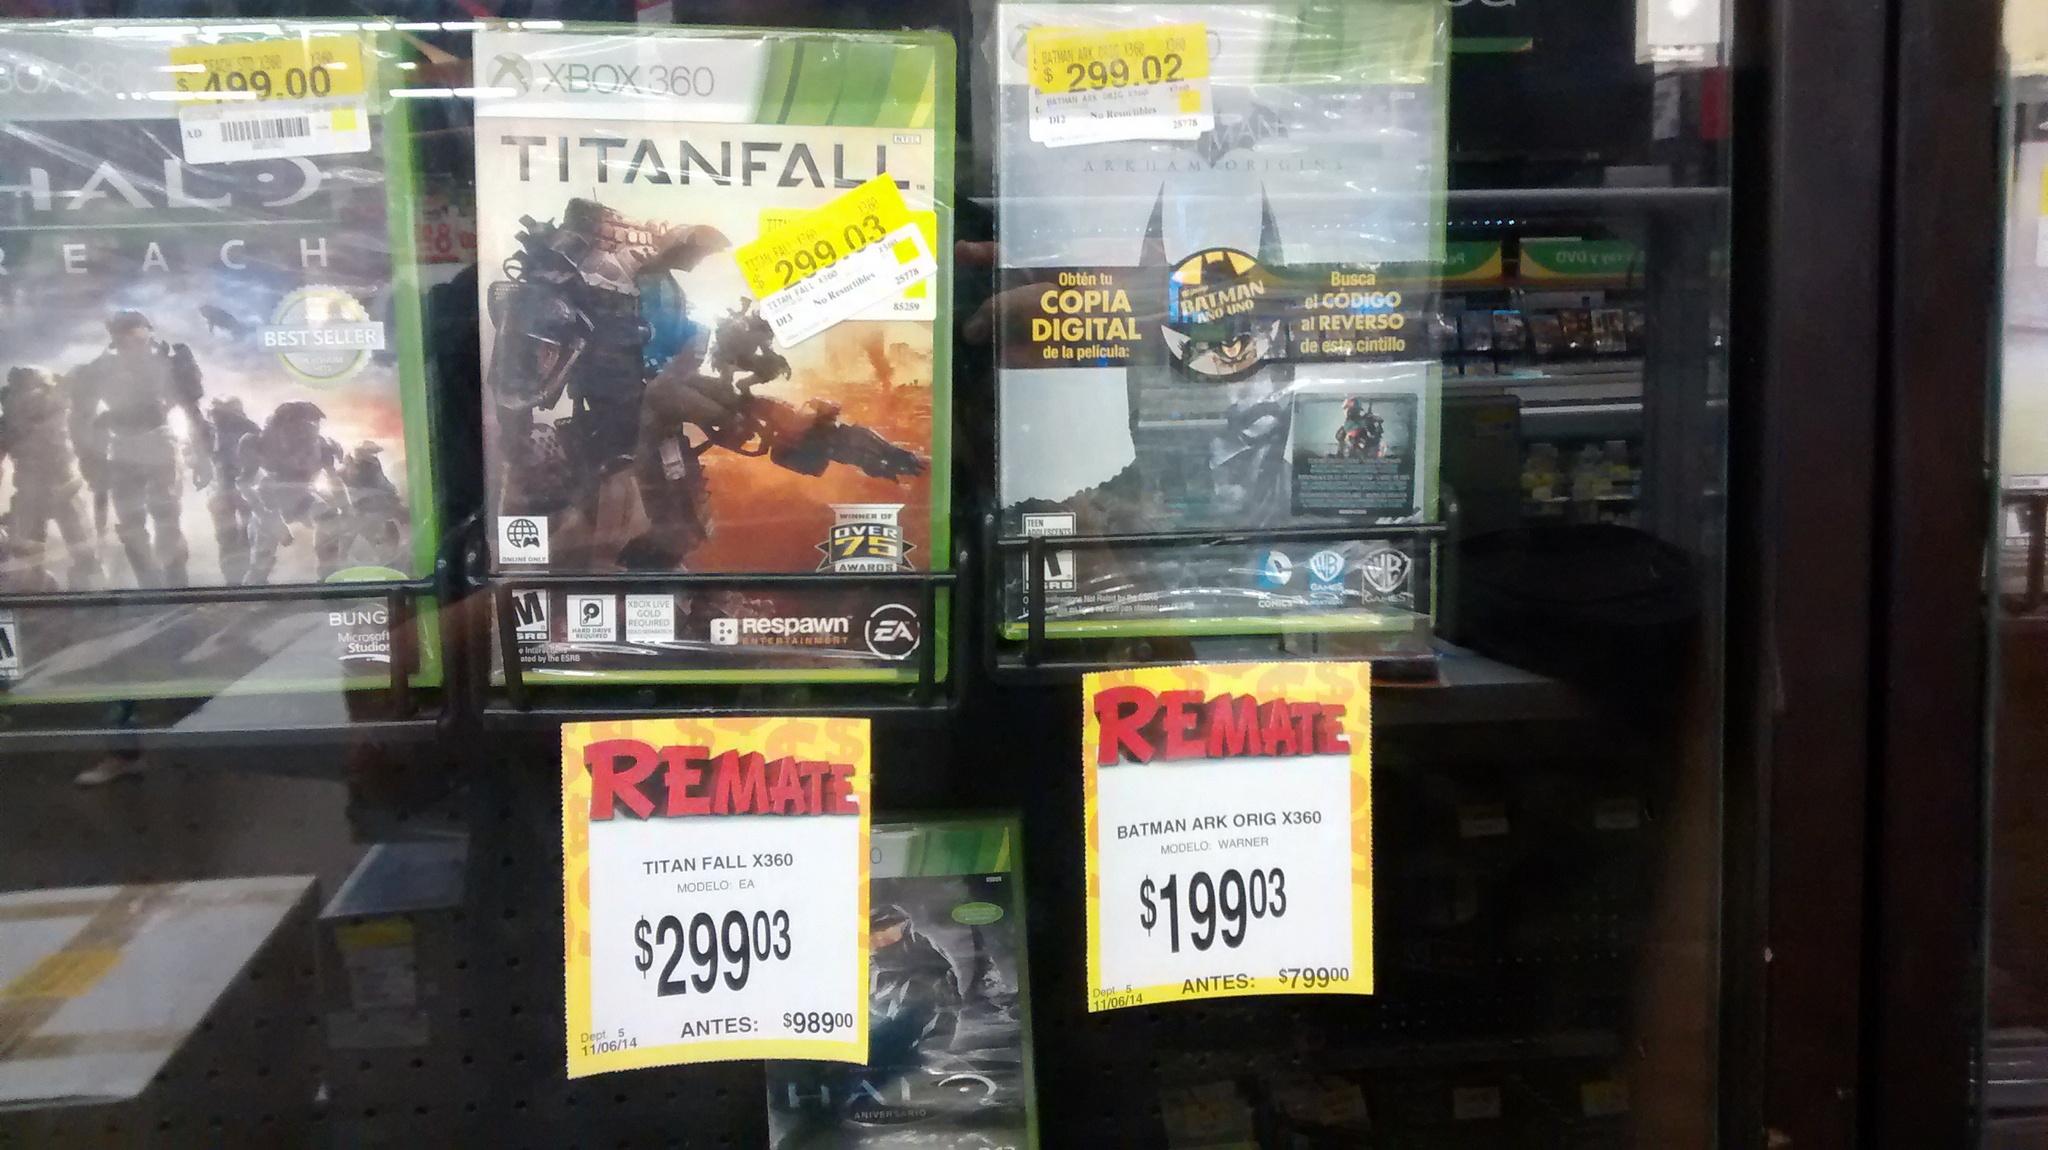 Bodega Aurrerá: Titanfall $299 y Batman: Arkham Origins $199